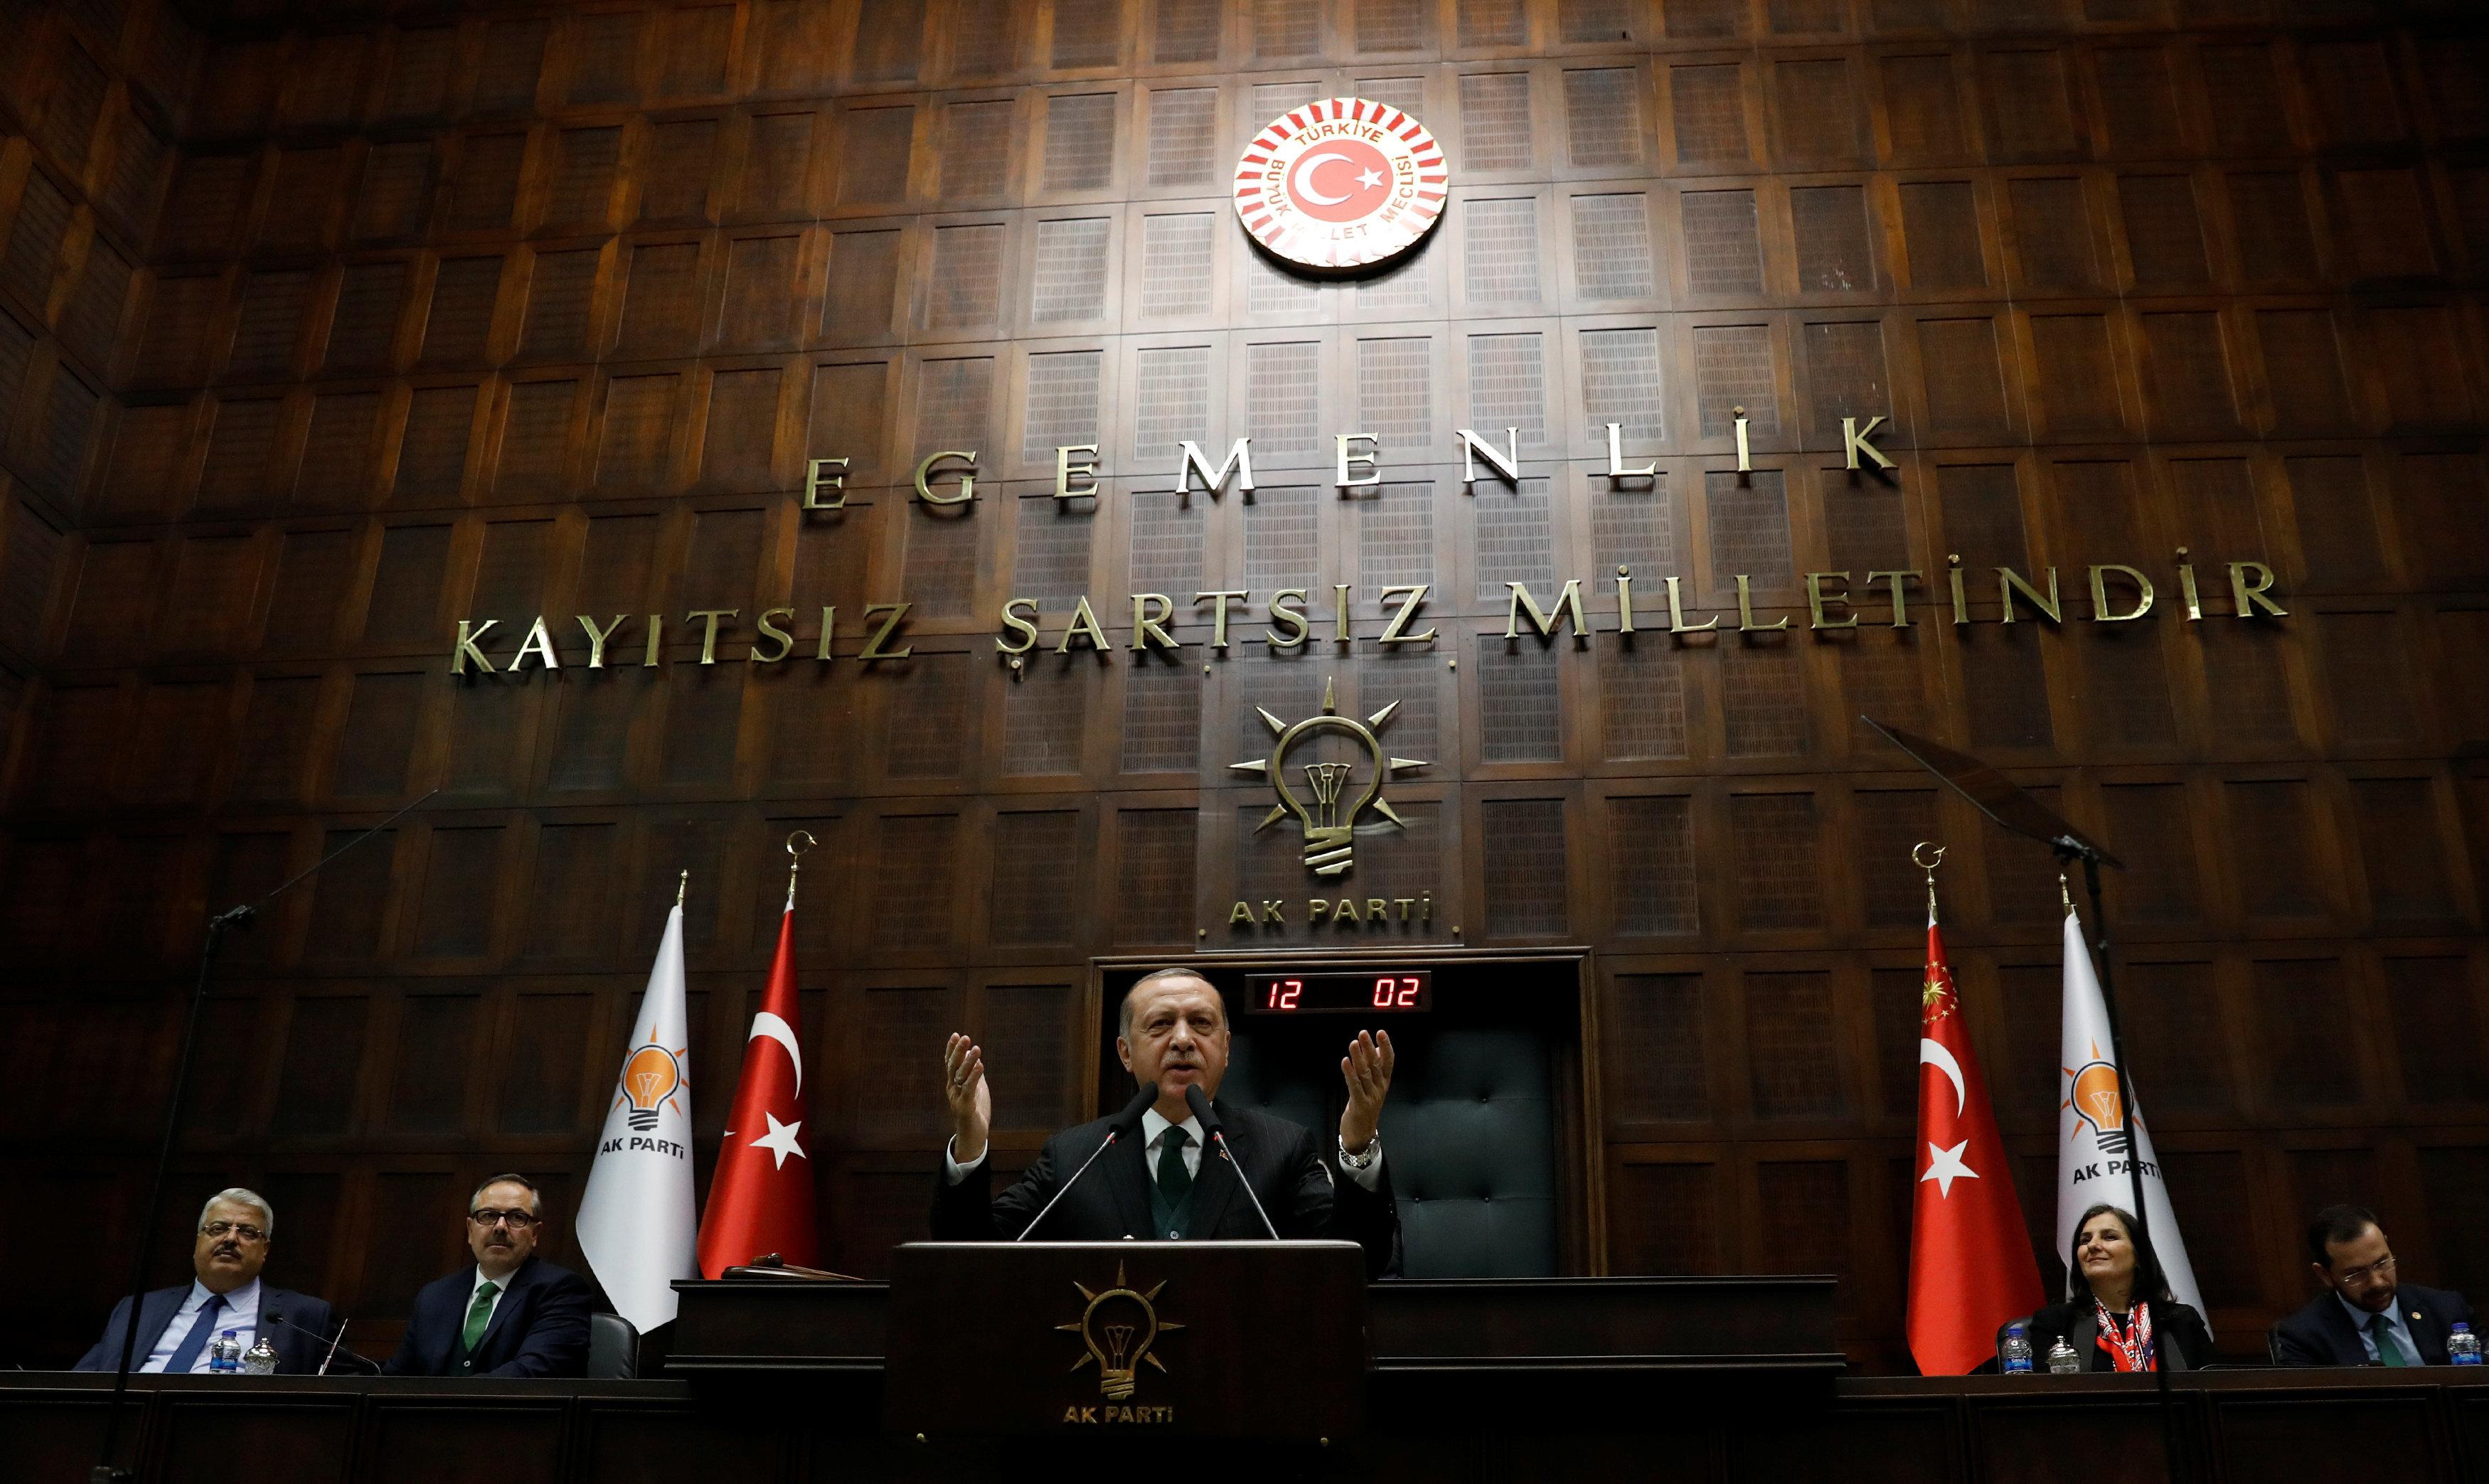 Türkisches Parlament verabschiedet Änderung des Wahlgesetzes